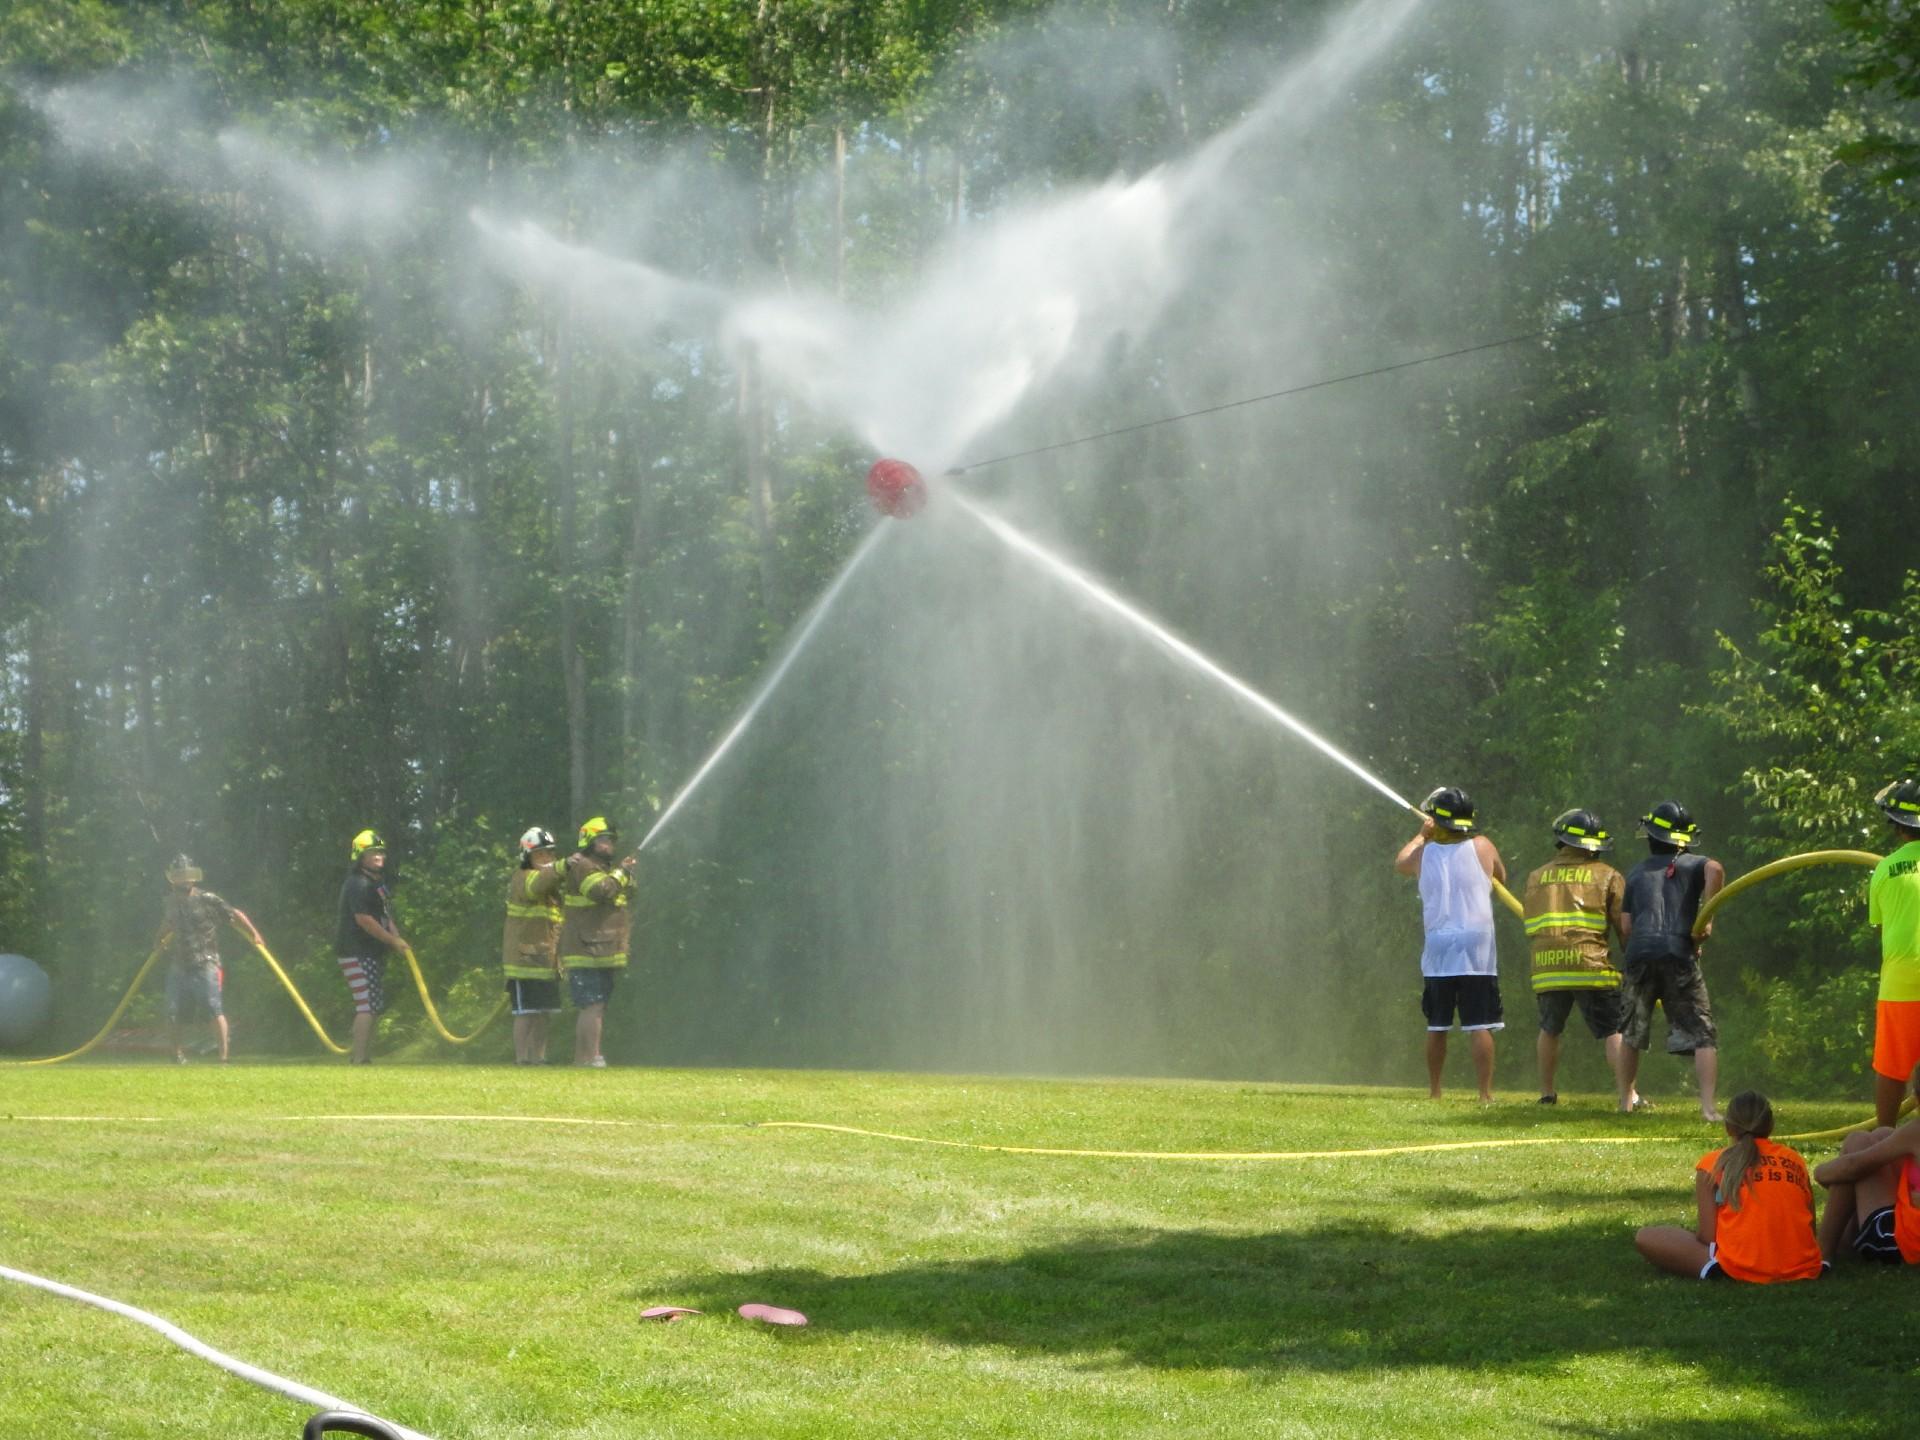 Fire Department 5